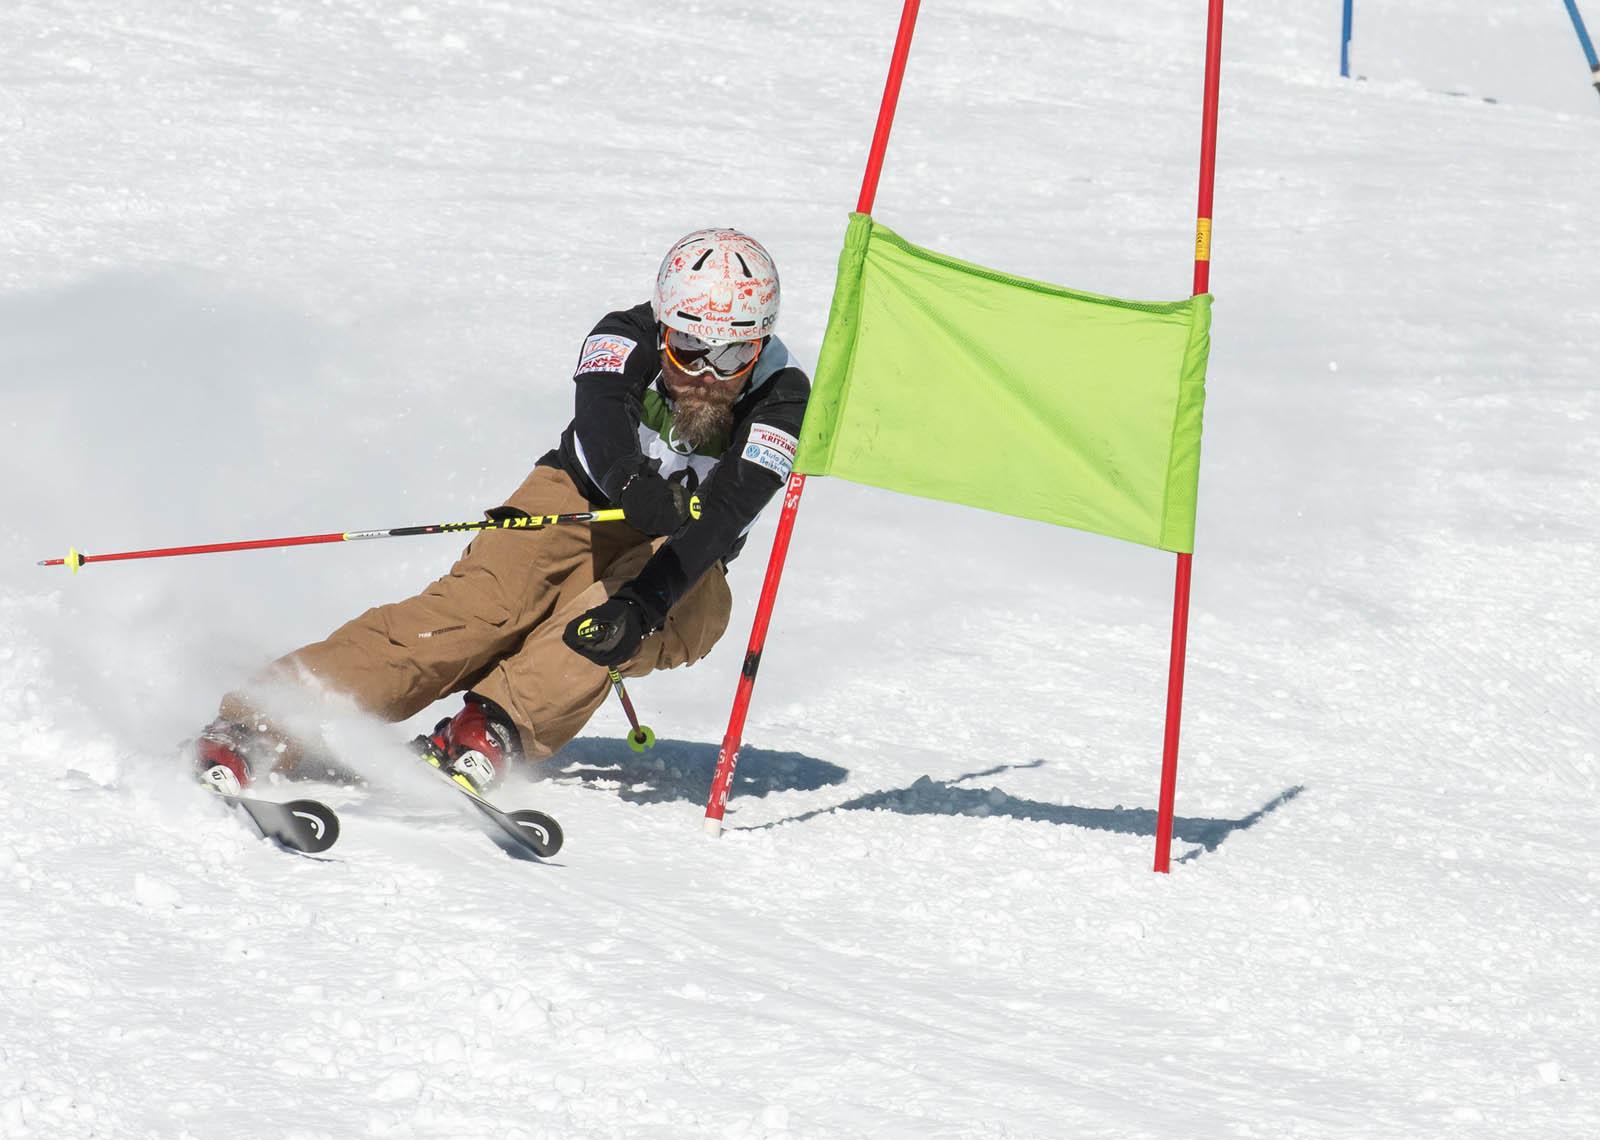 9. Skimeisterschaft der Tiroler Schützen in Obereggen